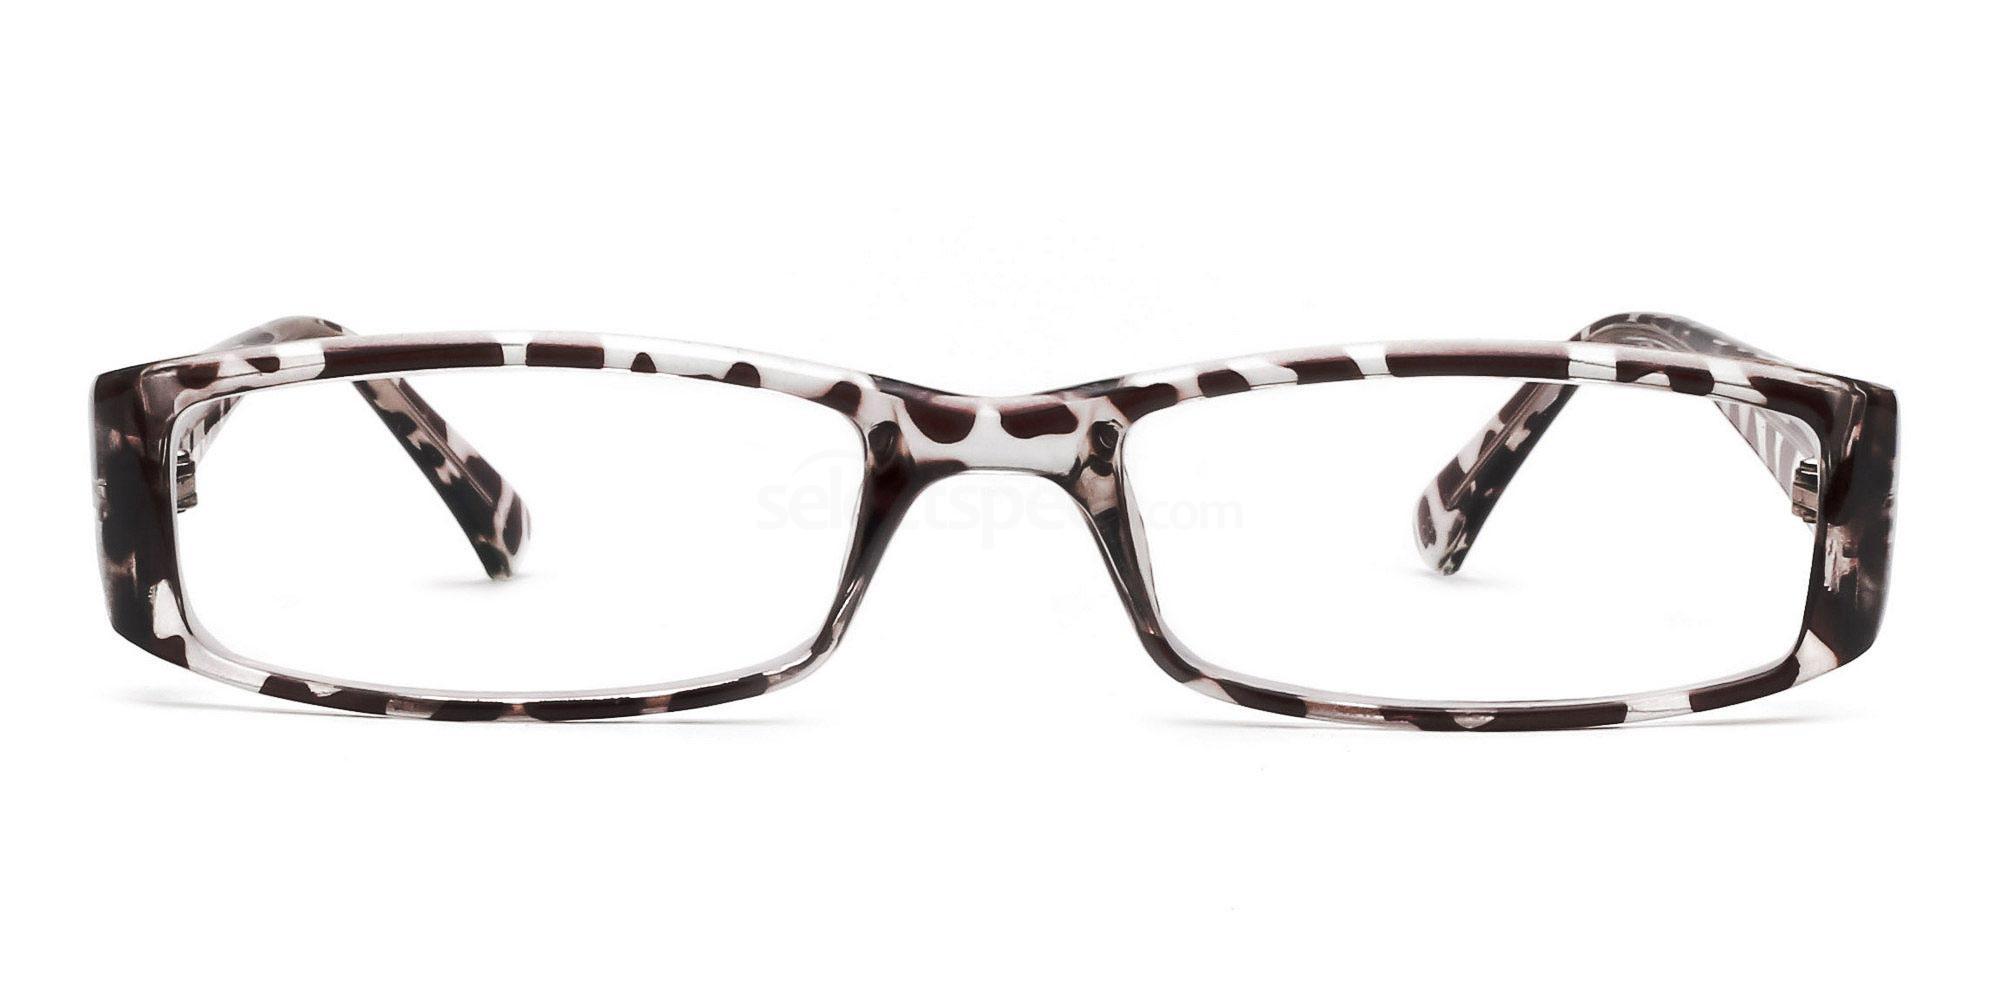 C03 P2251 - Animal Print Glasses, Savannah